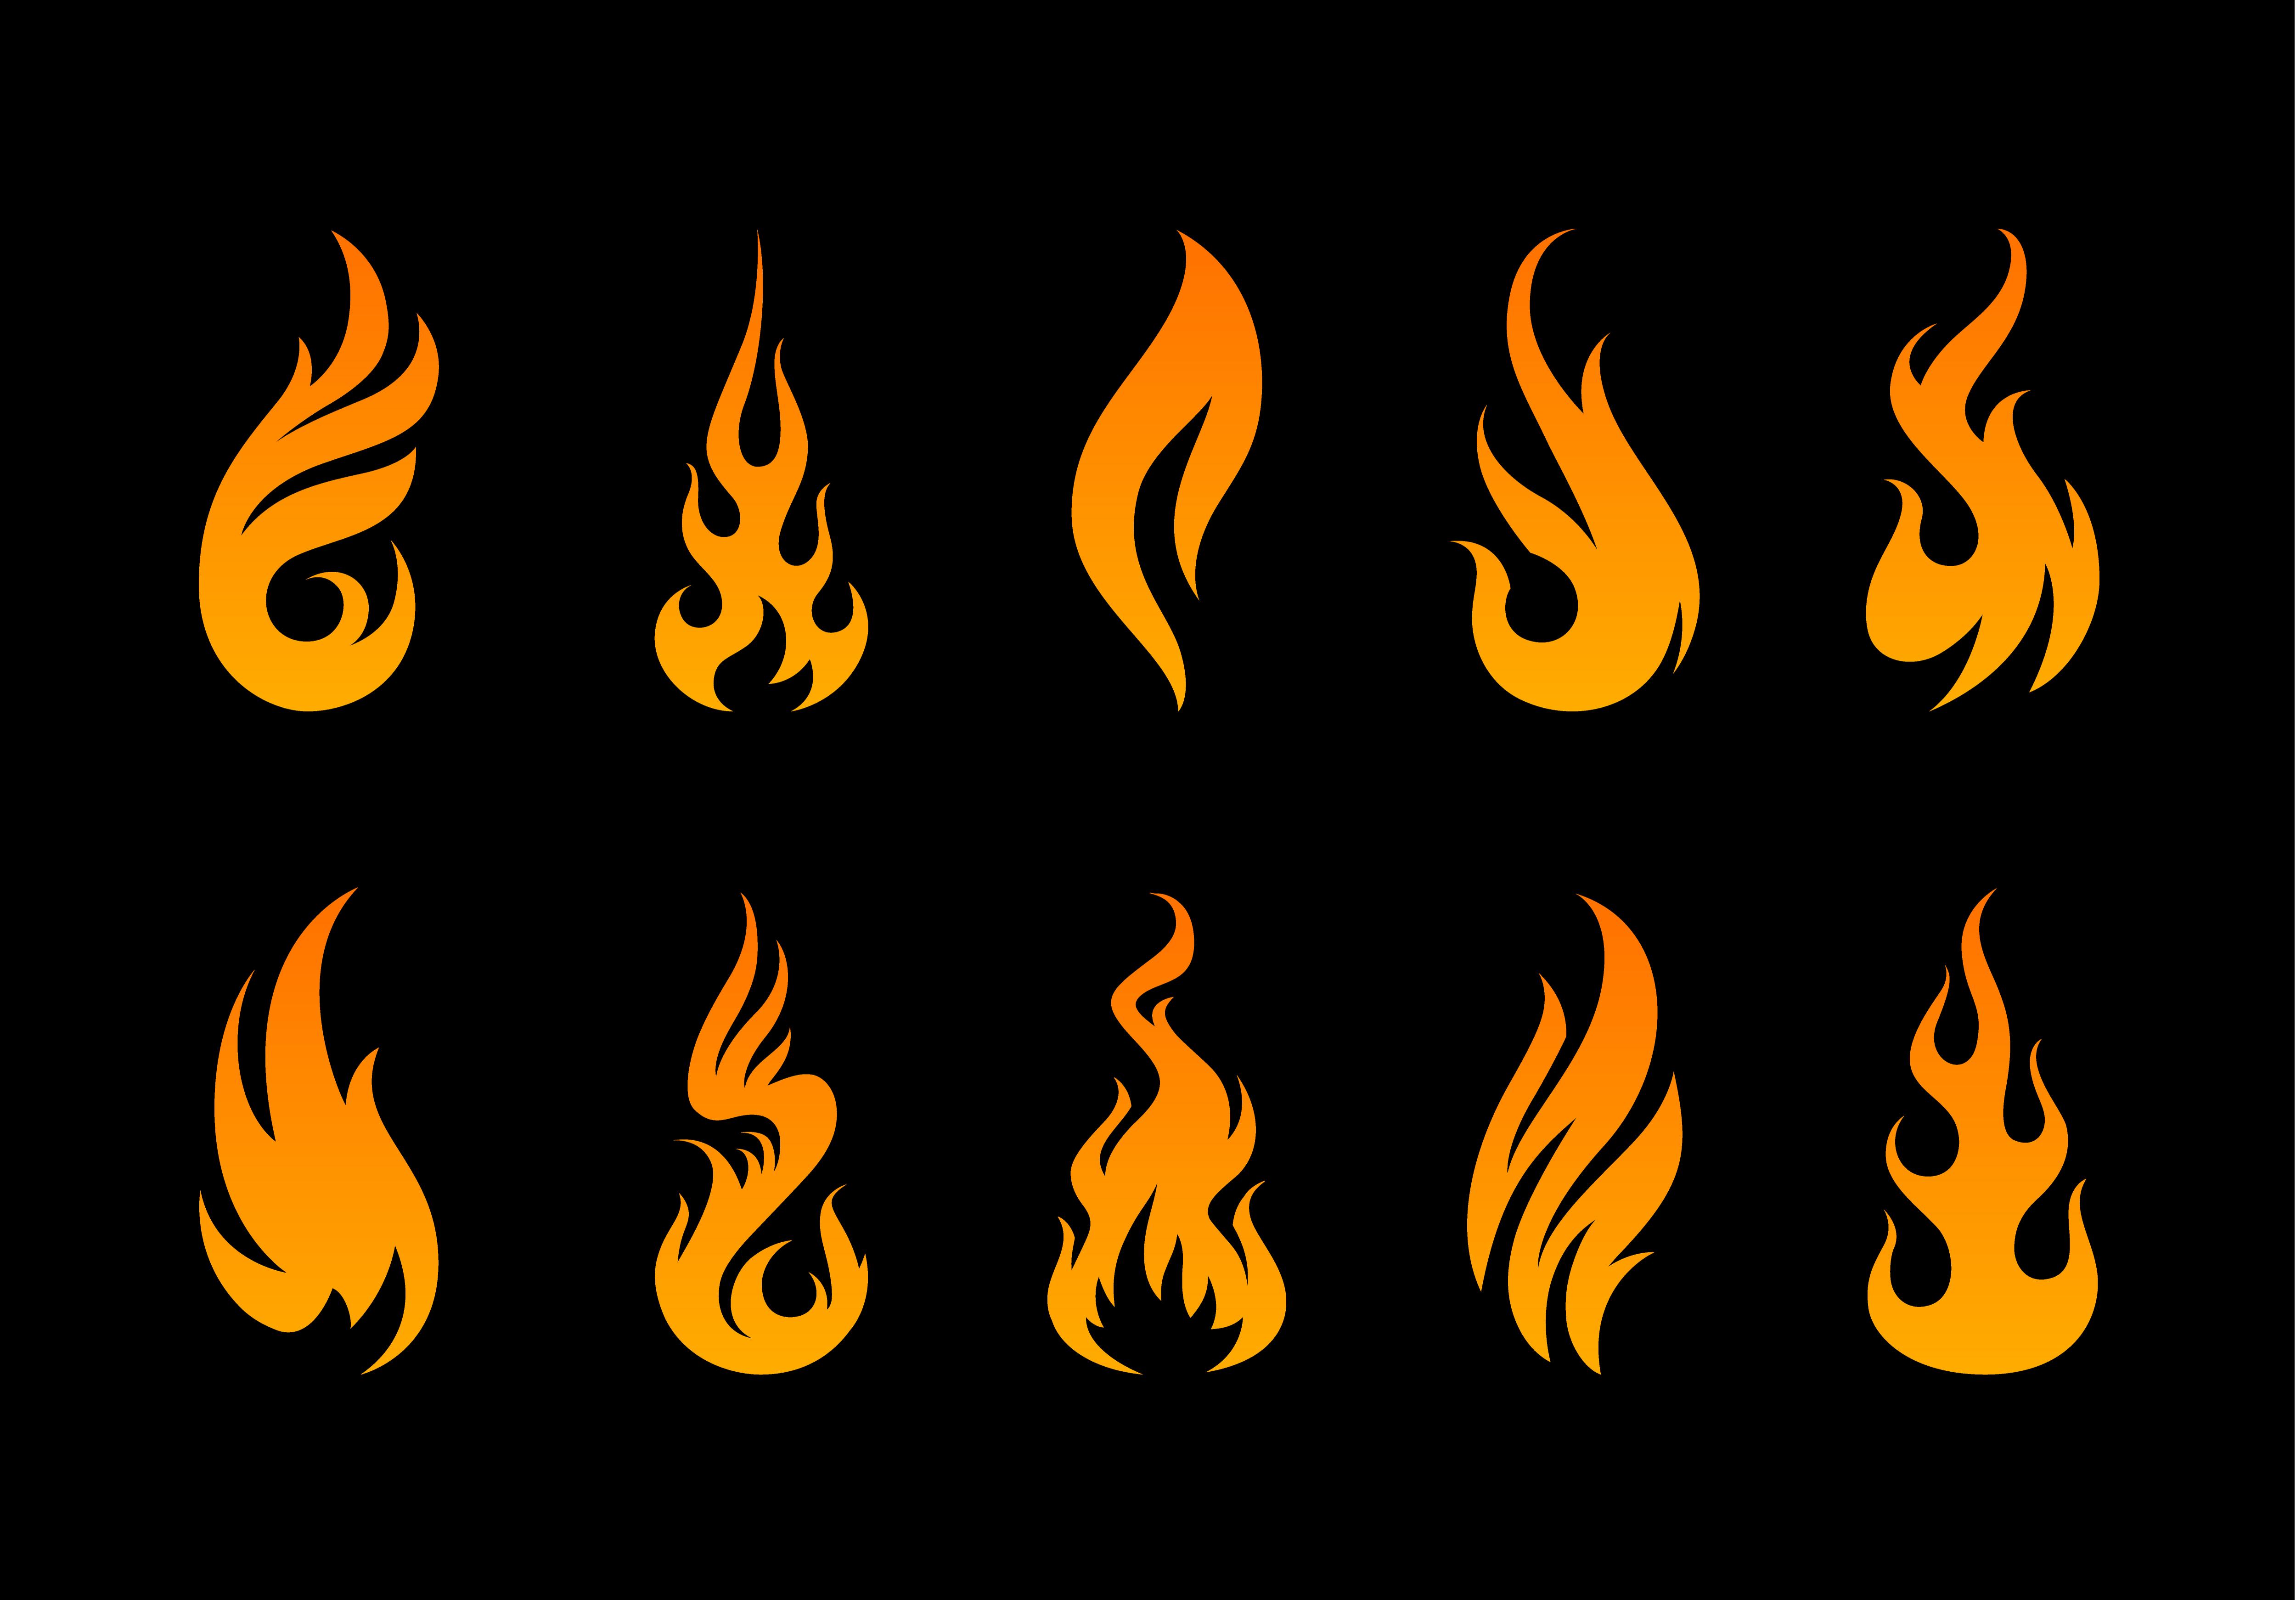 Vector Flame Shapes Download Free Vectors Clipart